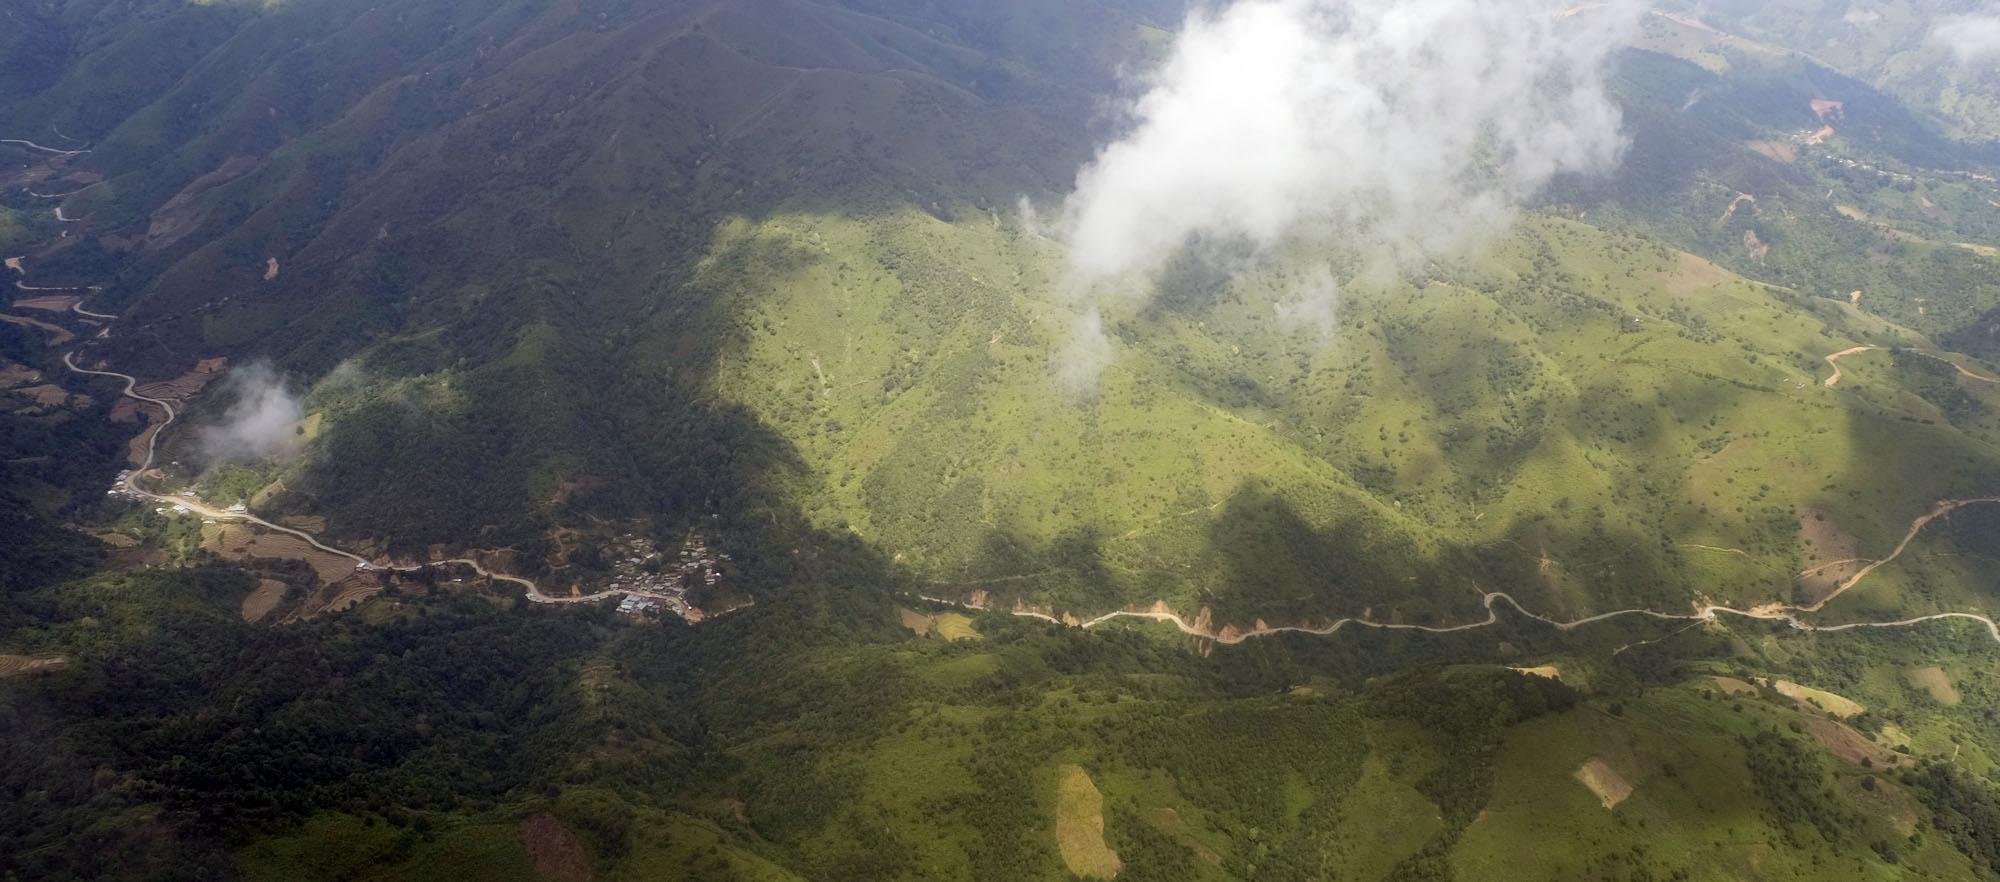 reise-ansichten Luftbild Shan State